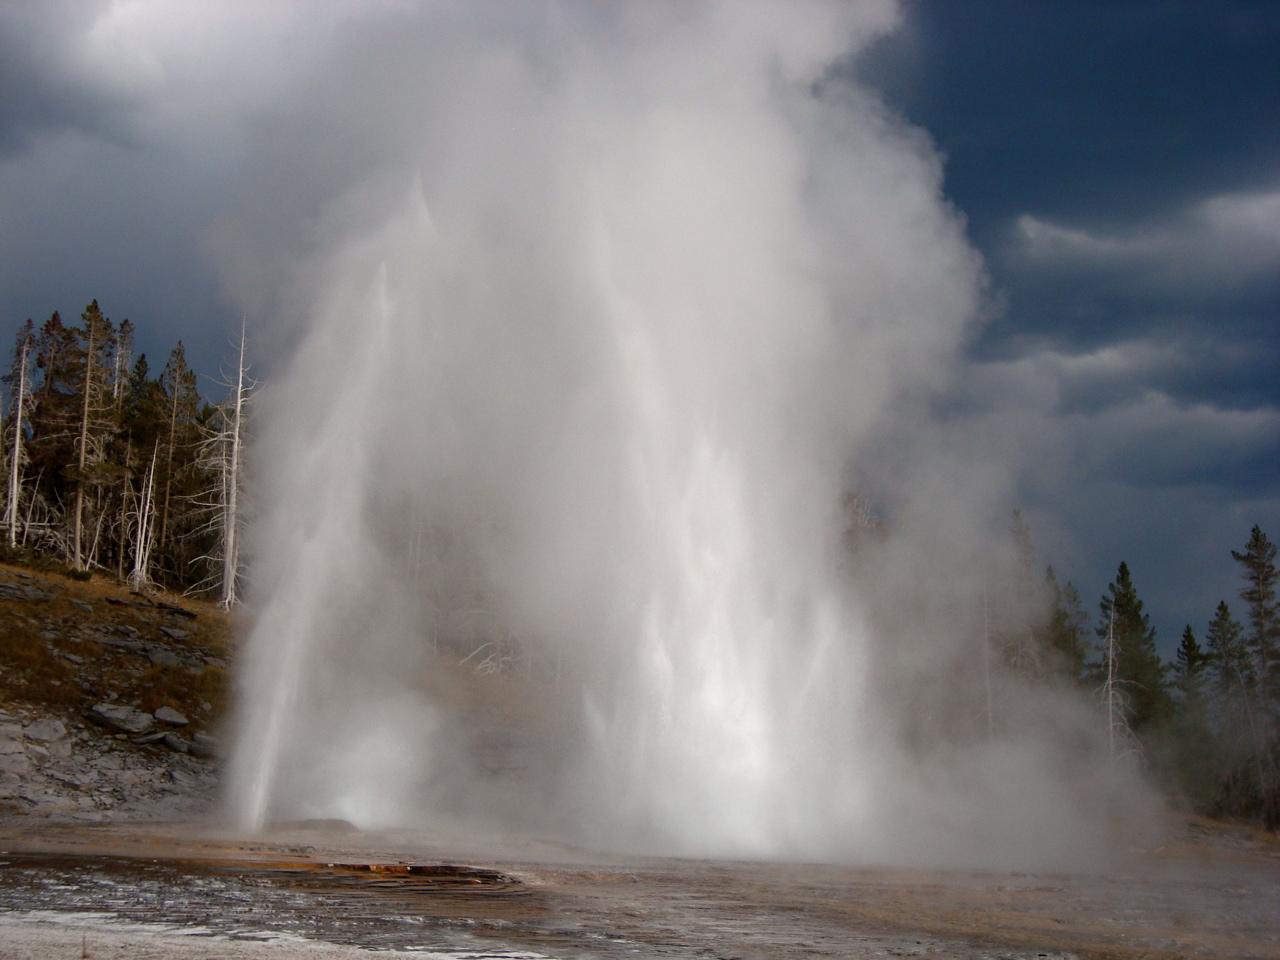 Grand Geyser Erupting